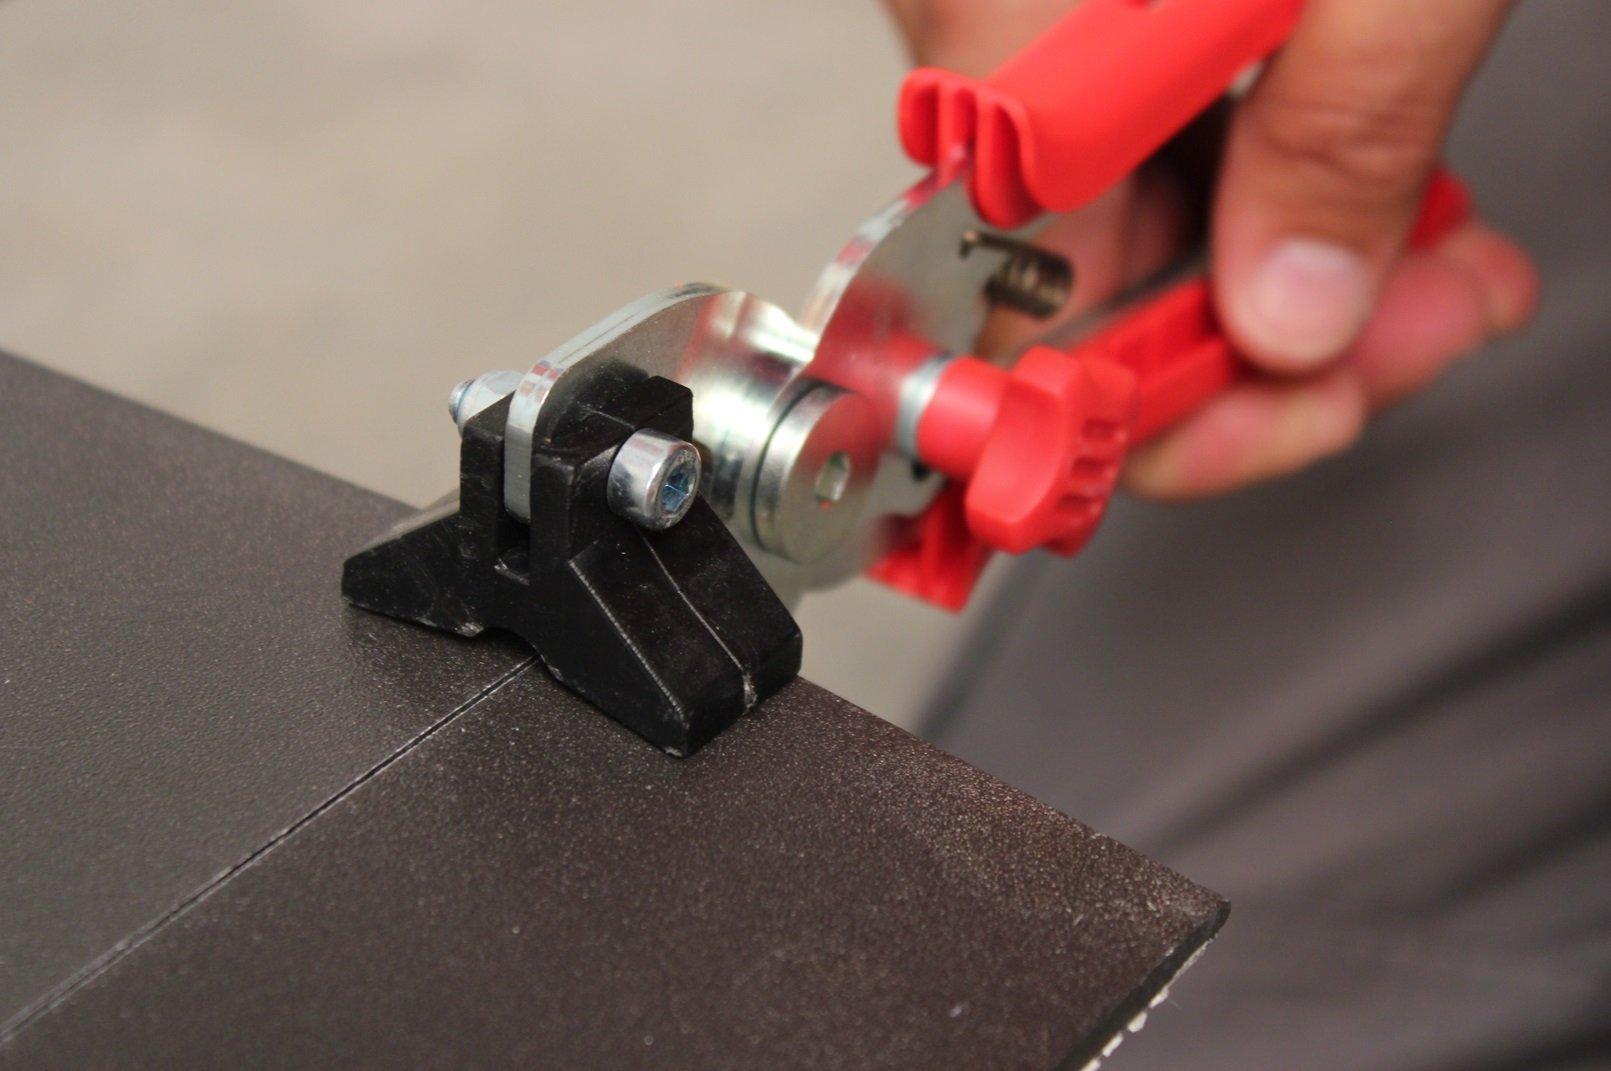 Щипцы-плиткорез для малых объемов работ